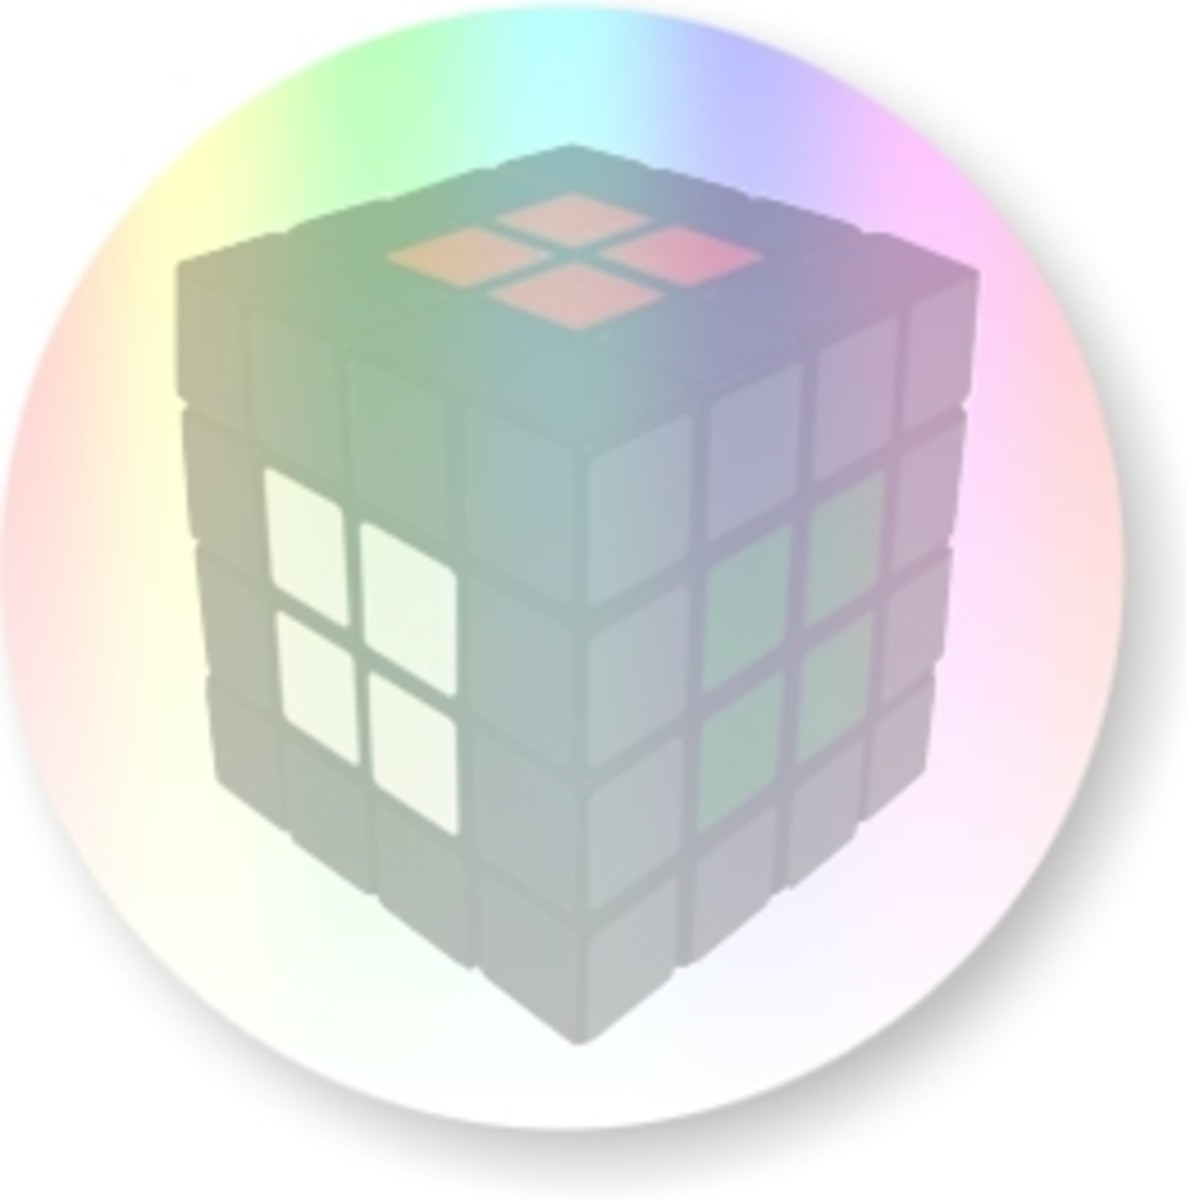 Rubiks Revenge - Solving The Centres